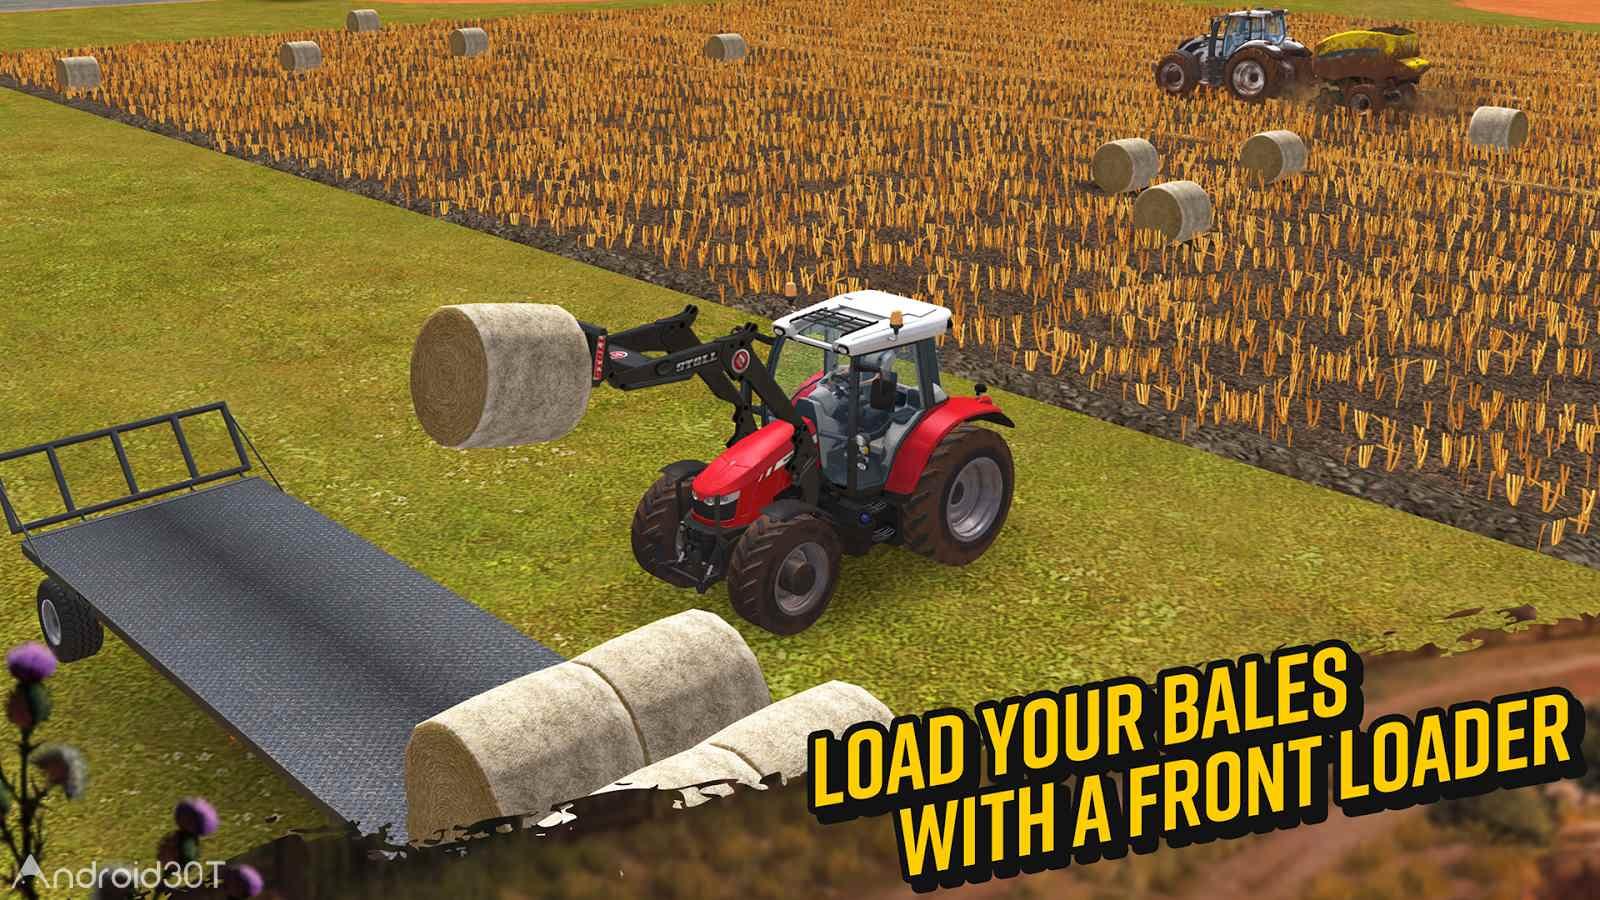 دانلود Farming Simulator 18 v1.4.0.6 – بازی شبیه سازی کشاورزی 2018 اندروید